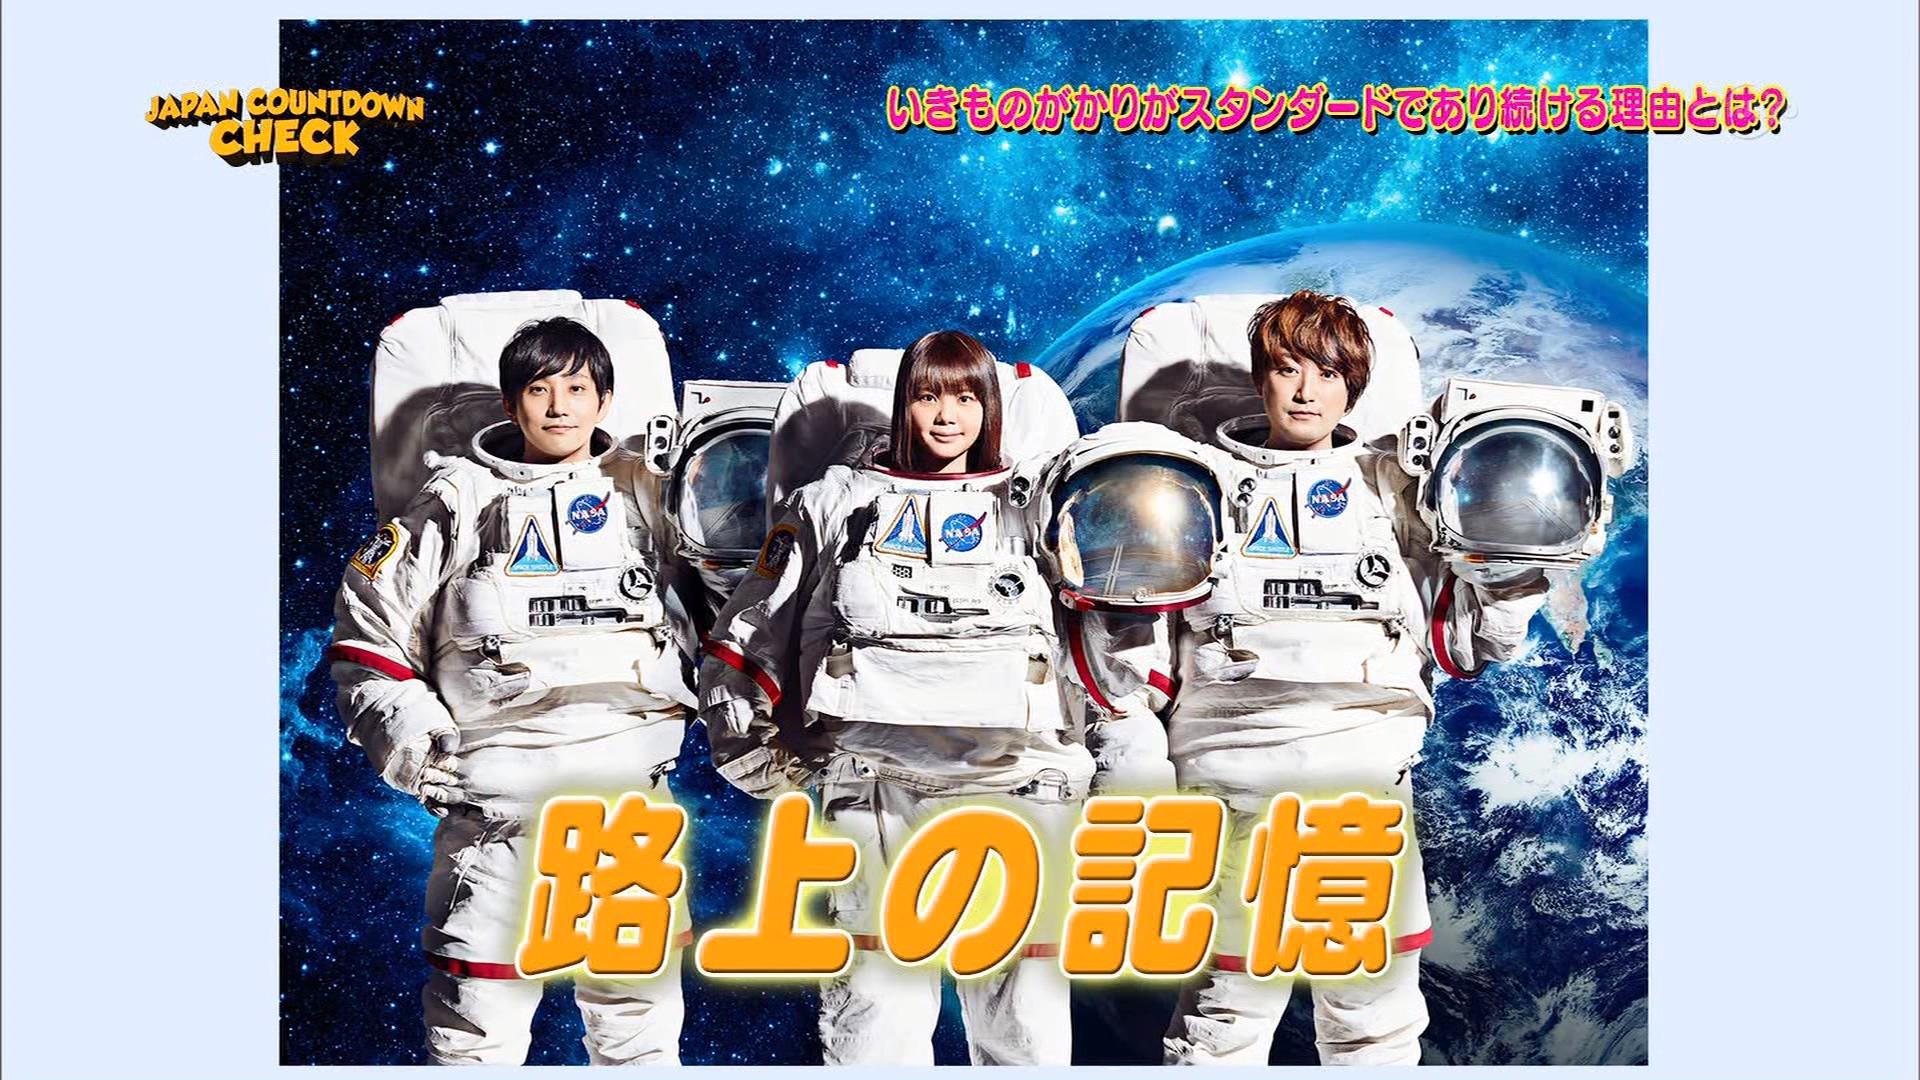 2016.03.20 いきものがかり - 10年たっても私たちはいきものがかりが大好き!日本のスタンダードであり続ける理由(JAPAN COUNTDOWN).ts_20160320_103928.047